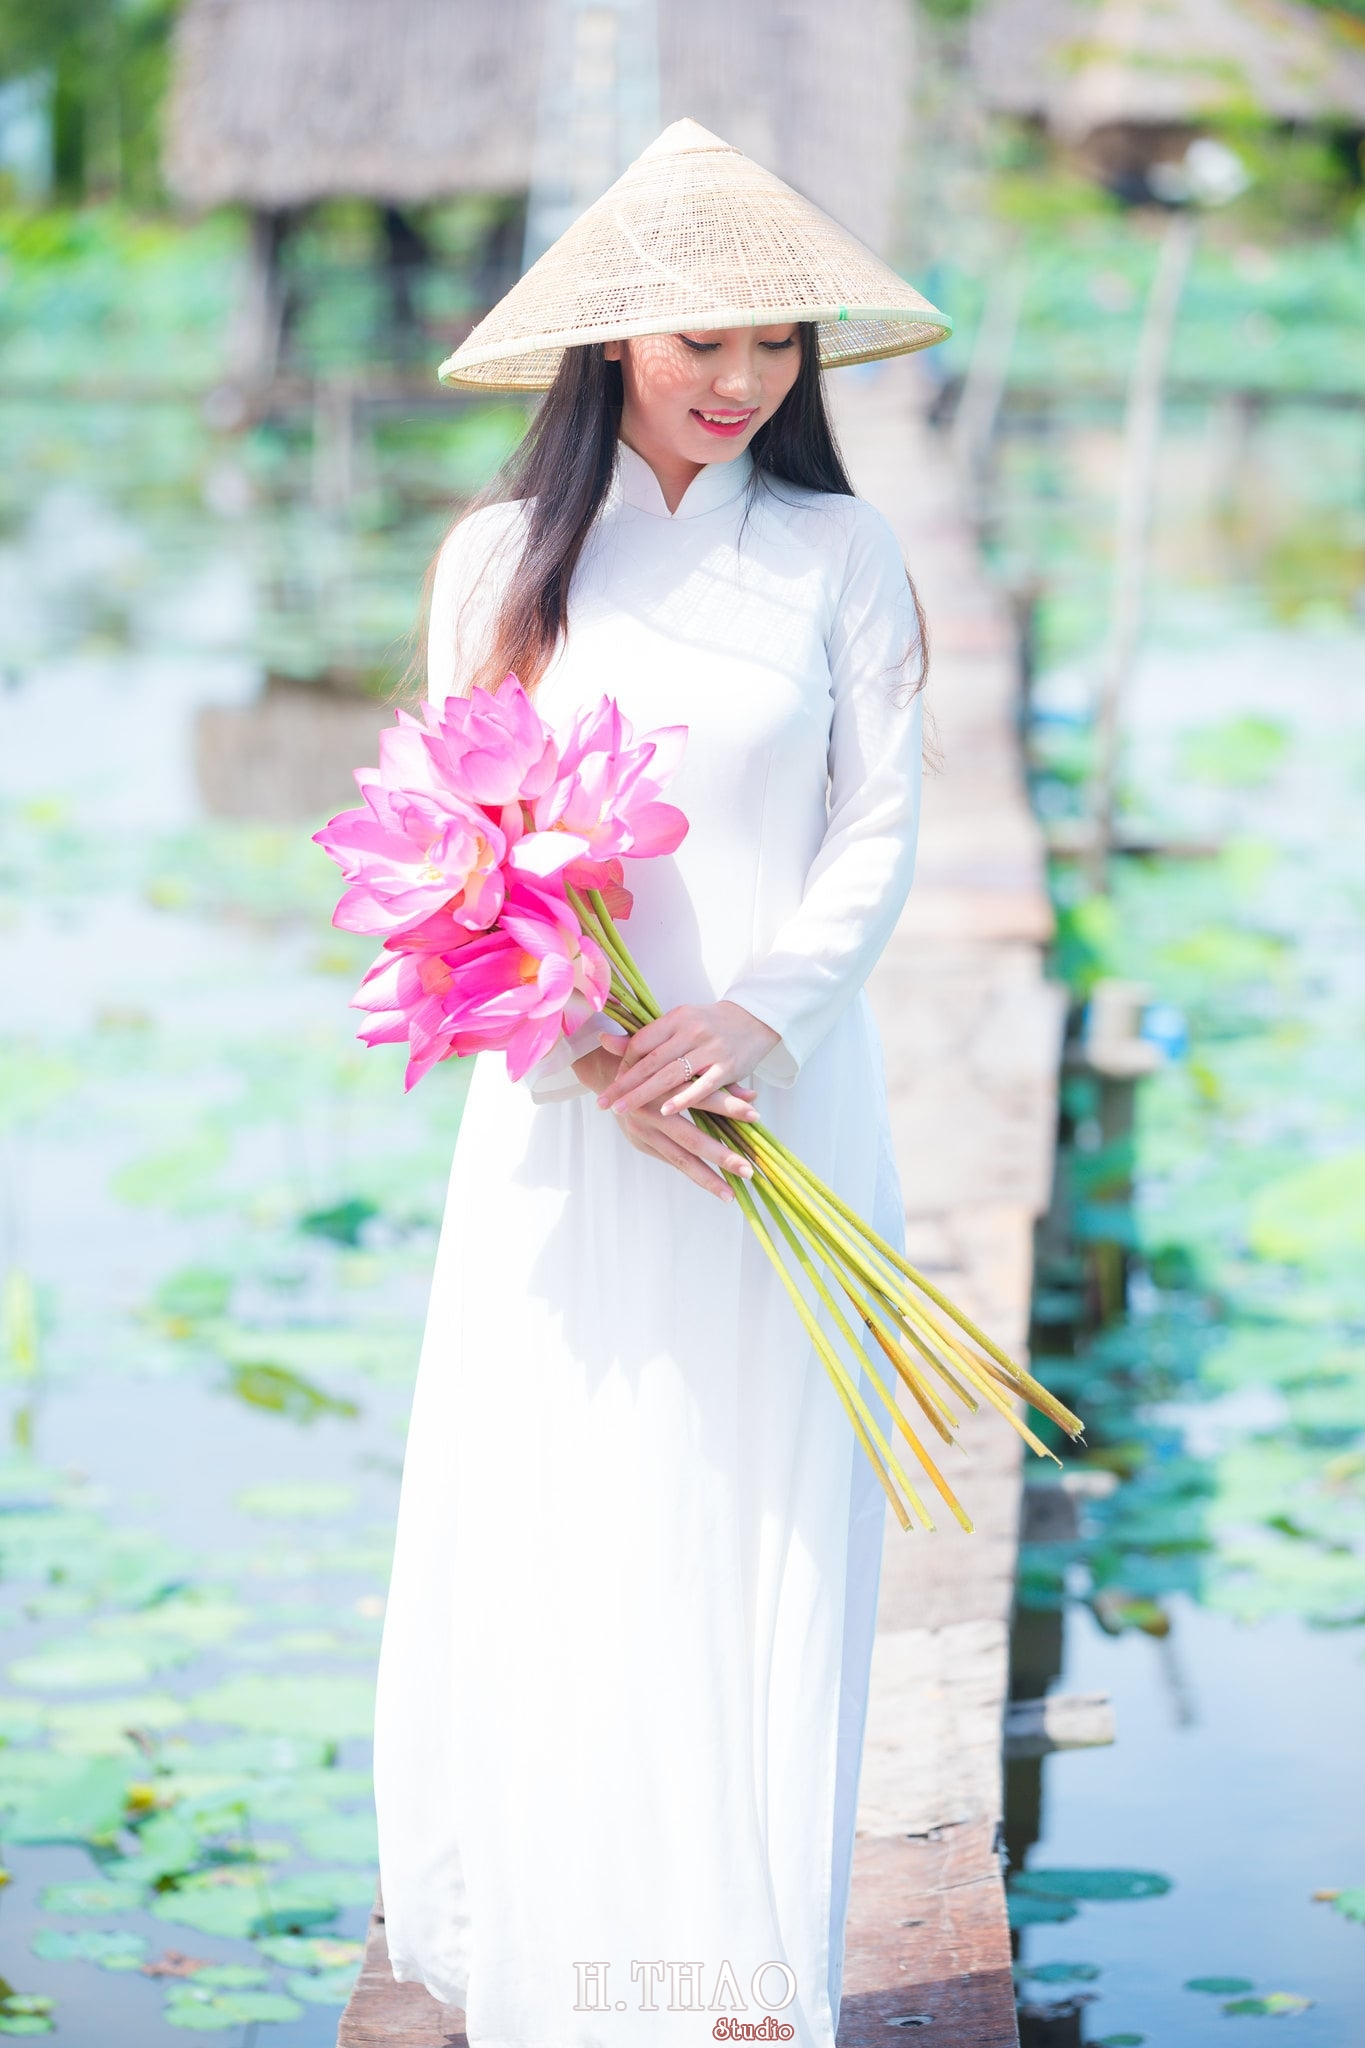 Chup hinh hoa sen 12 - Góc ảnh thiếu nữ bên hoa sen tam đa quận 9 tuyệt đẹp - HThao Studio